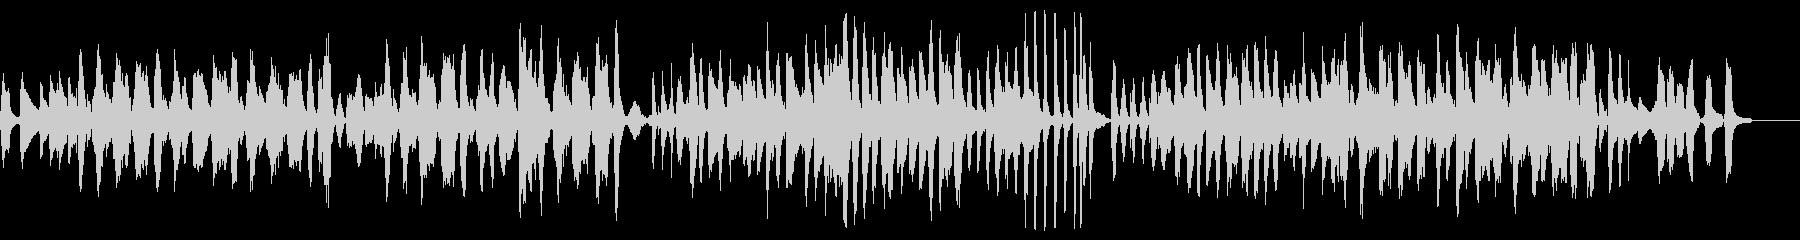 ズッコケ調のJazz調の面白い楽曲の未再生の波形